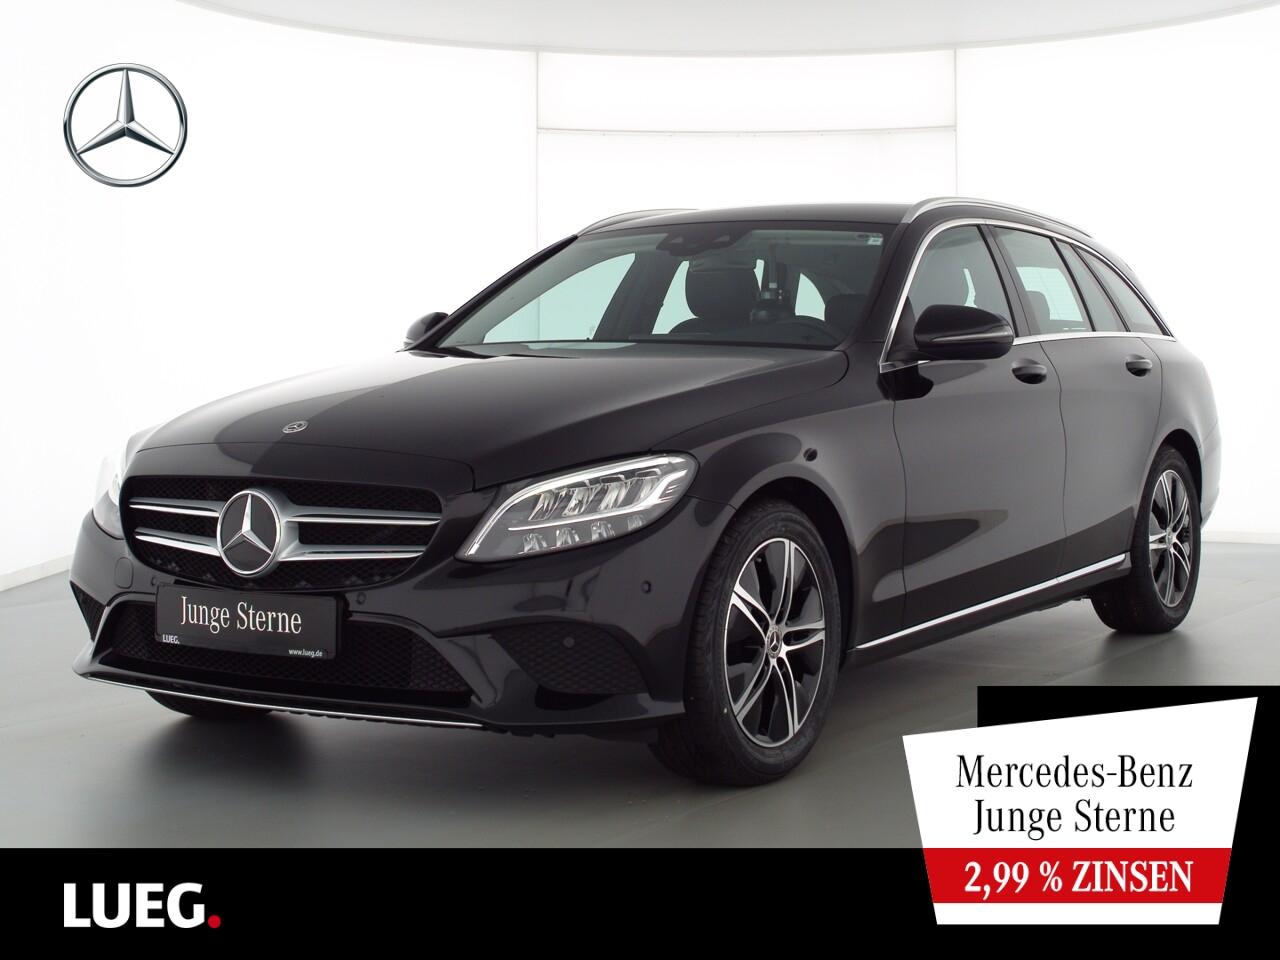 Mercedes-Benz C 220 d T Avantgarde+Nav+LED-HP+SpurP+AHK+Kamera, Jahr 2020, Diesel